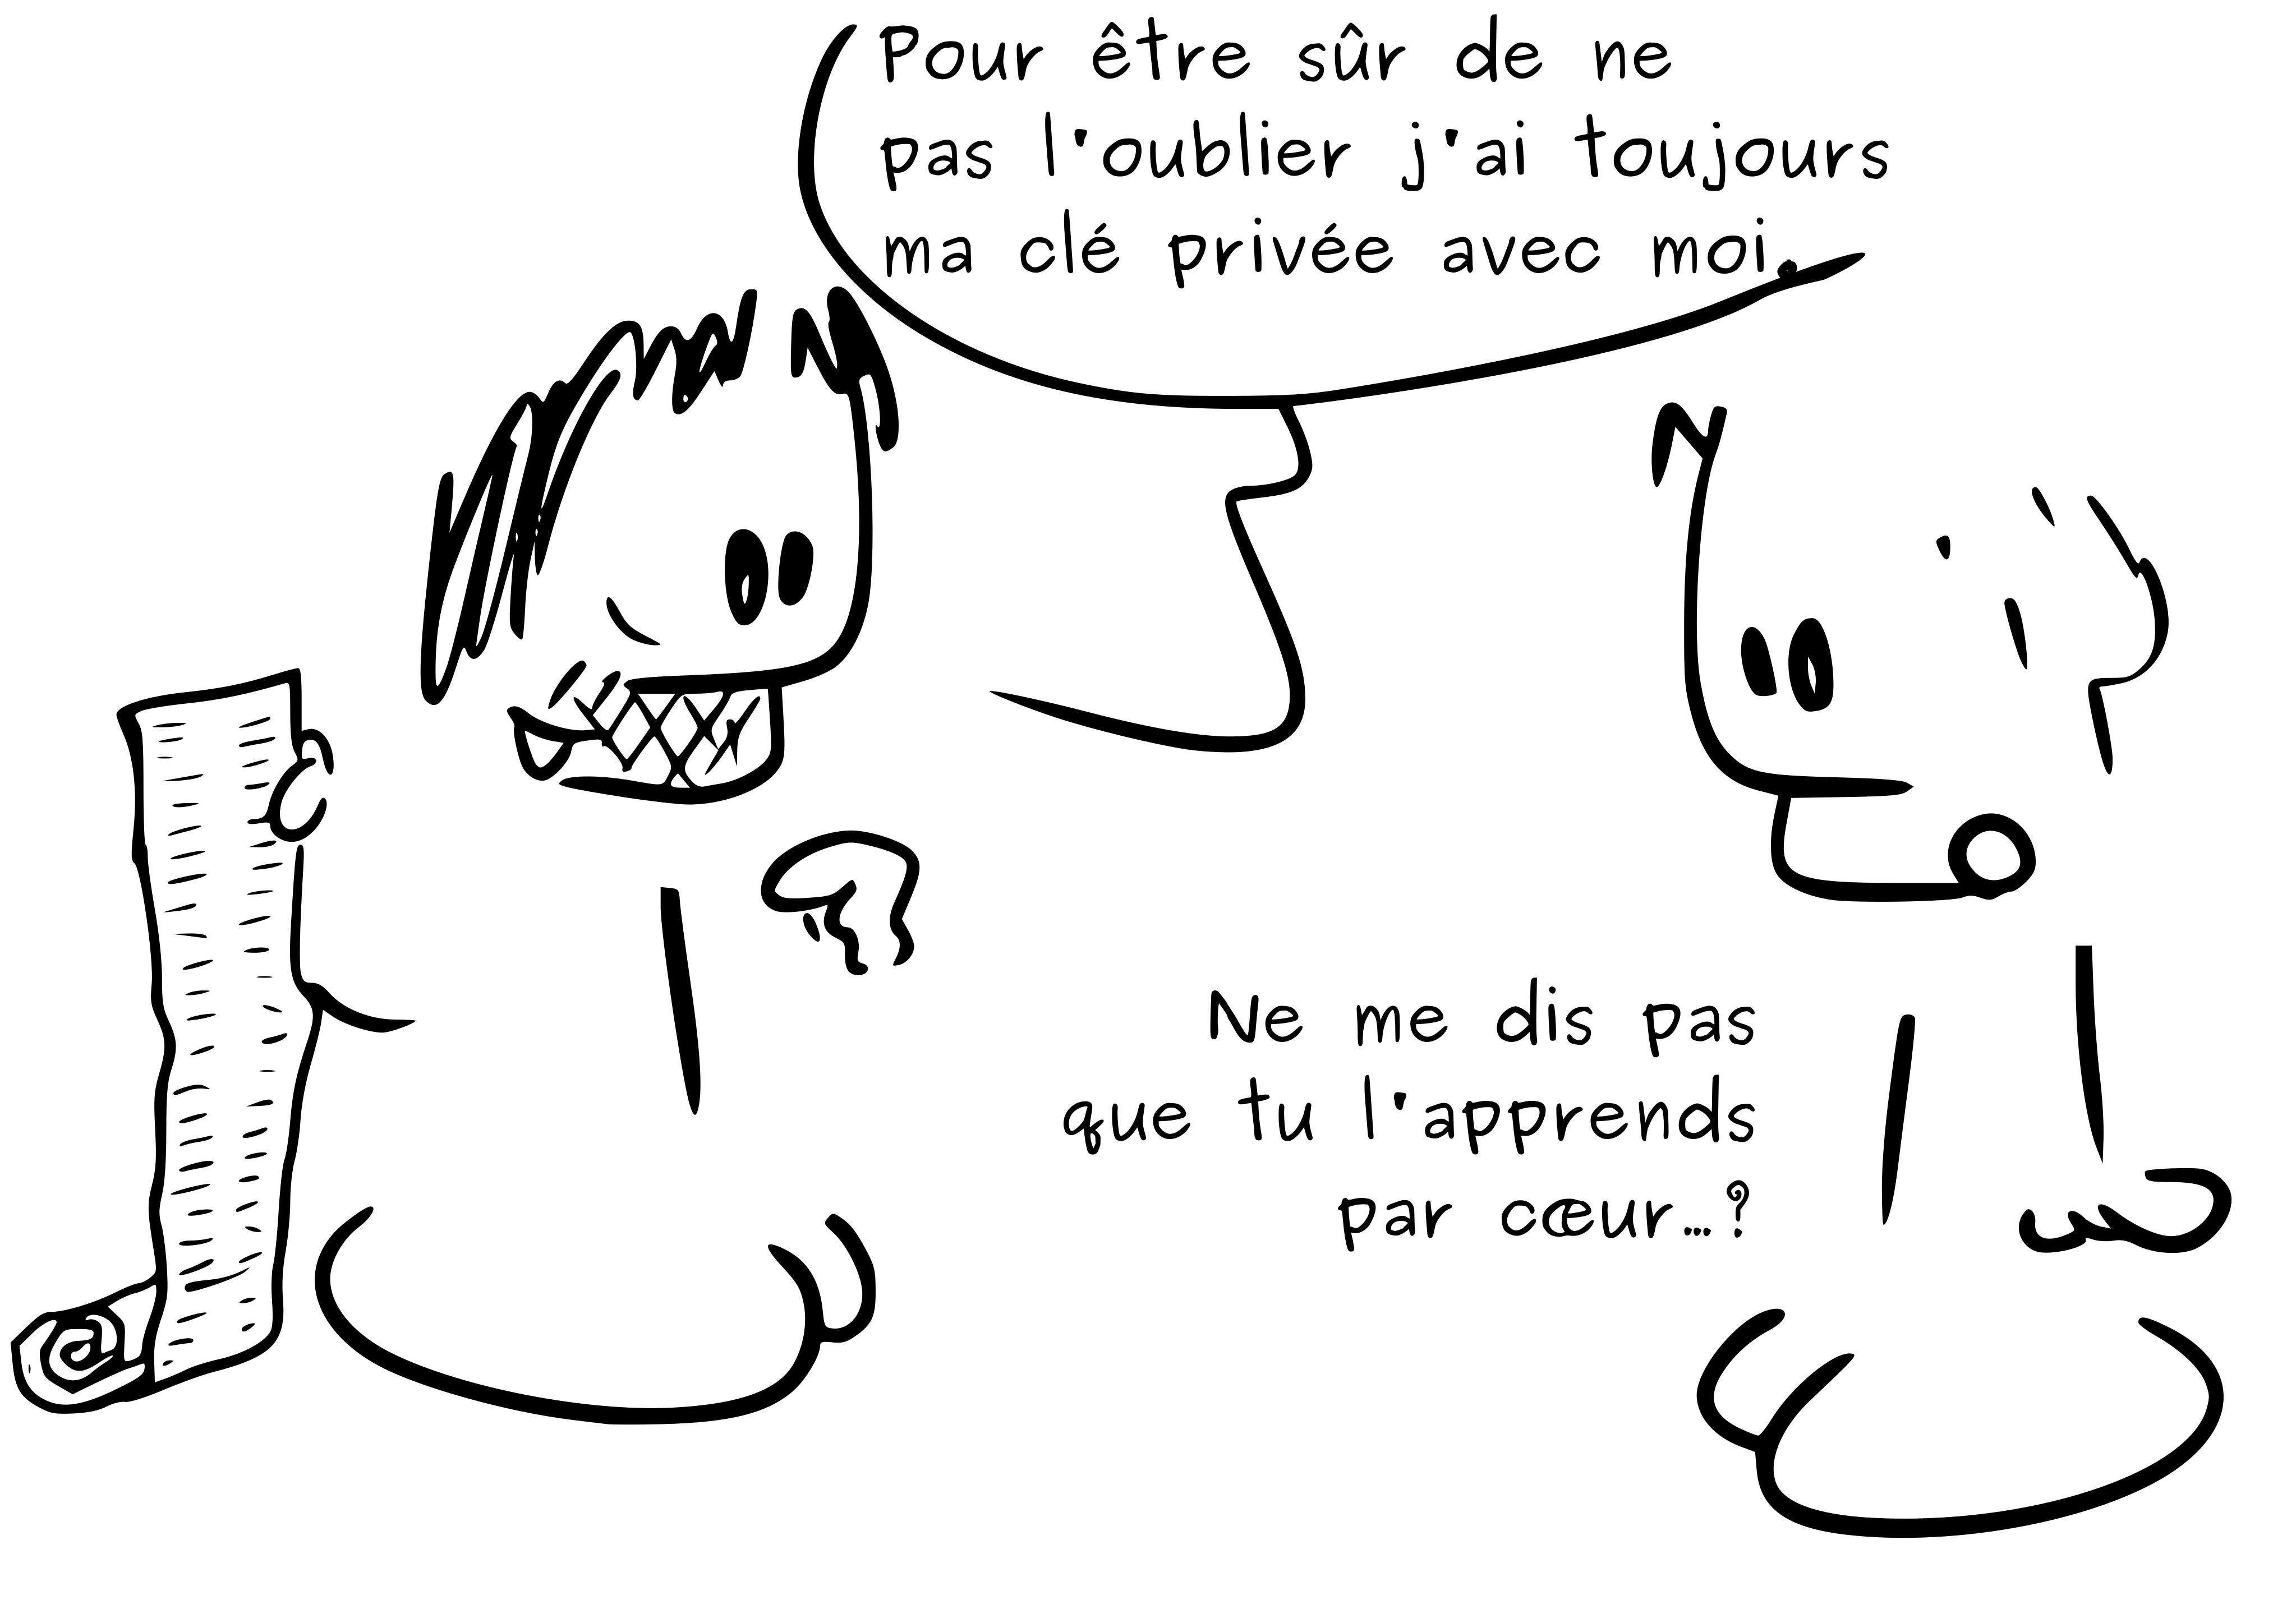 TEX/images/cleparcoeur.png